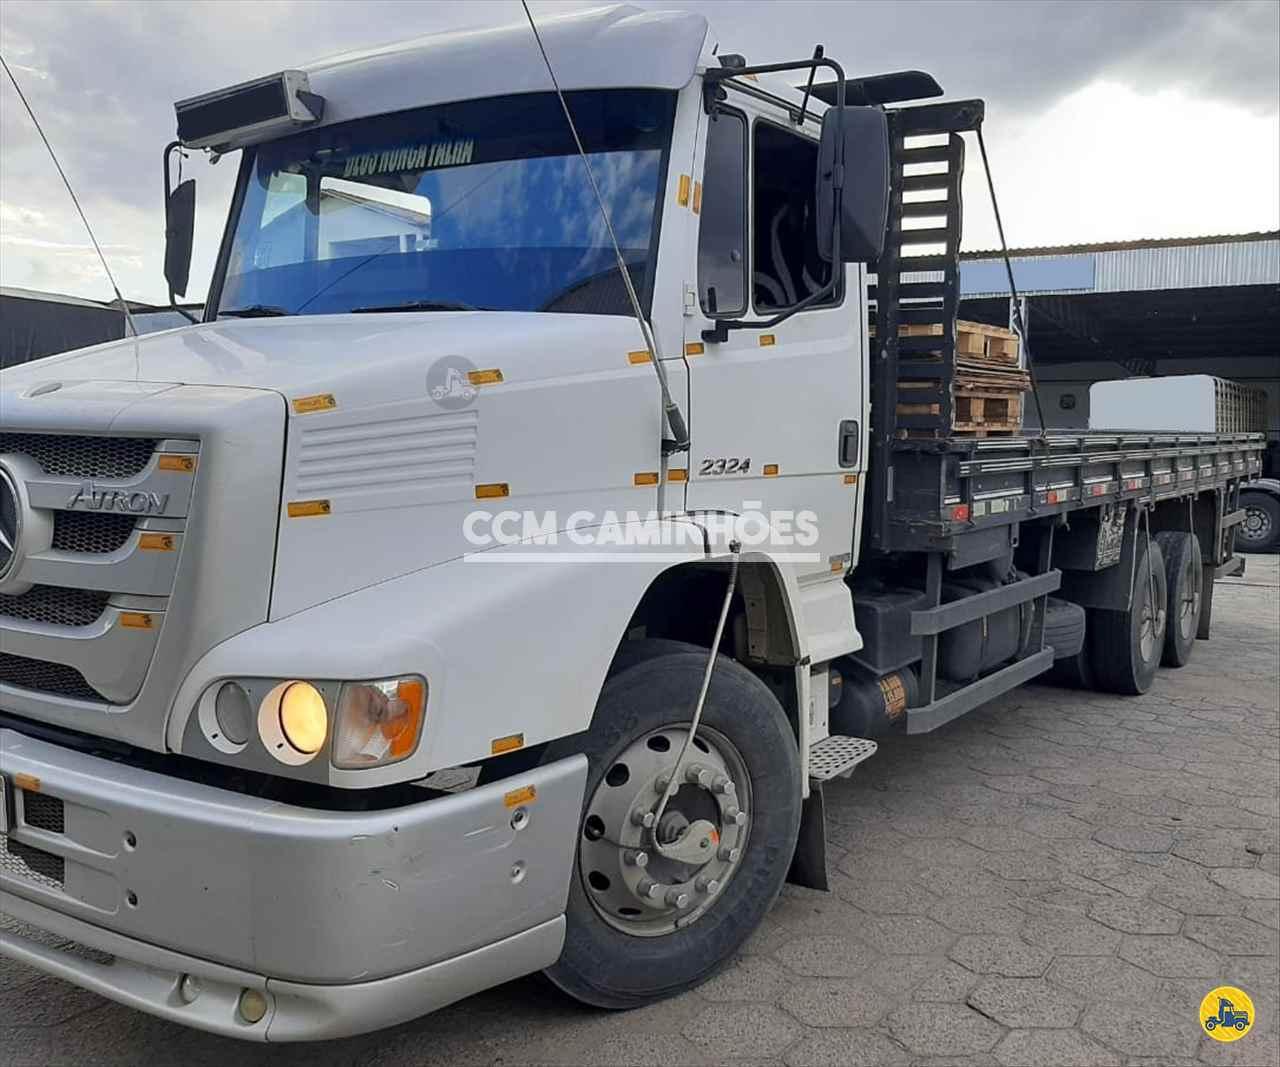 MB 2324 de CCM Caminhões - GOIANIA/GO